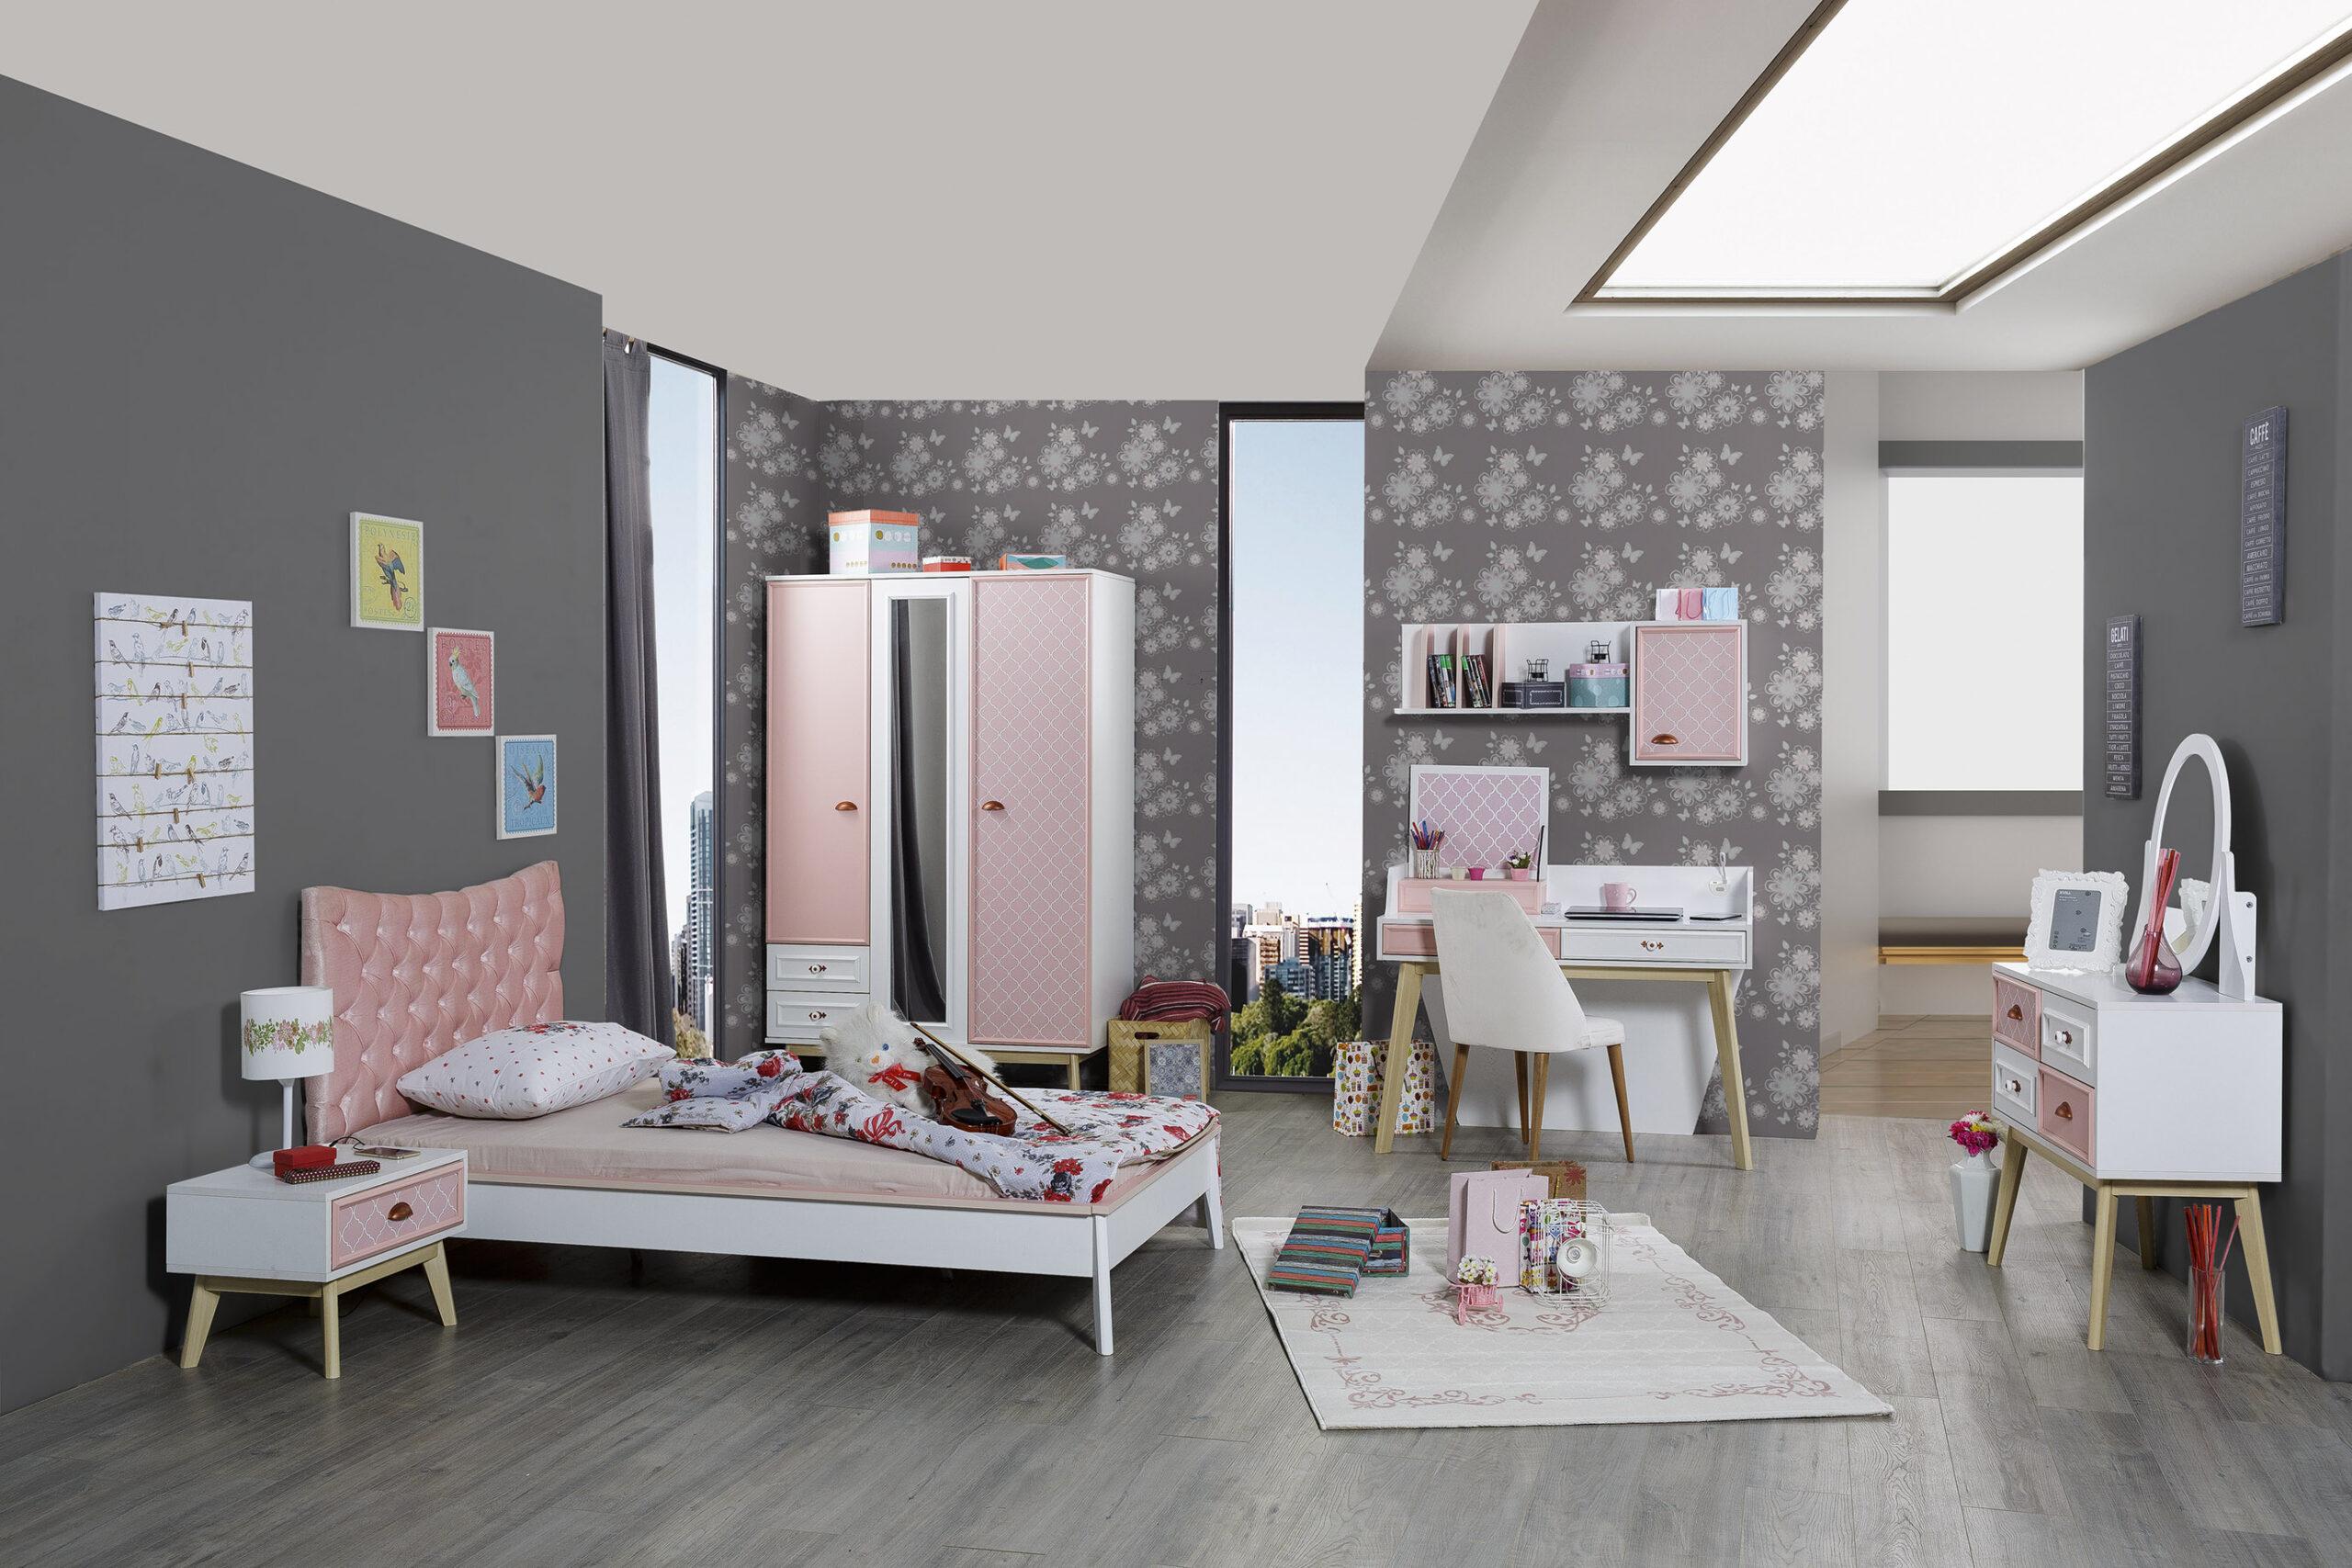 Full Size of Betten Jugend Prinzessinbett In Pink Wei Landhausstil 120x200 Musterring 200x200 Test 180x200 Runde Somnus Nolte 140x200 Bei Ikea Coole Mit Matratze Und Wohnzimmer Betten Jugend